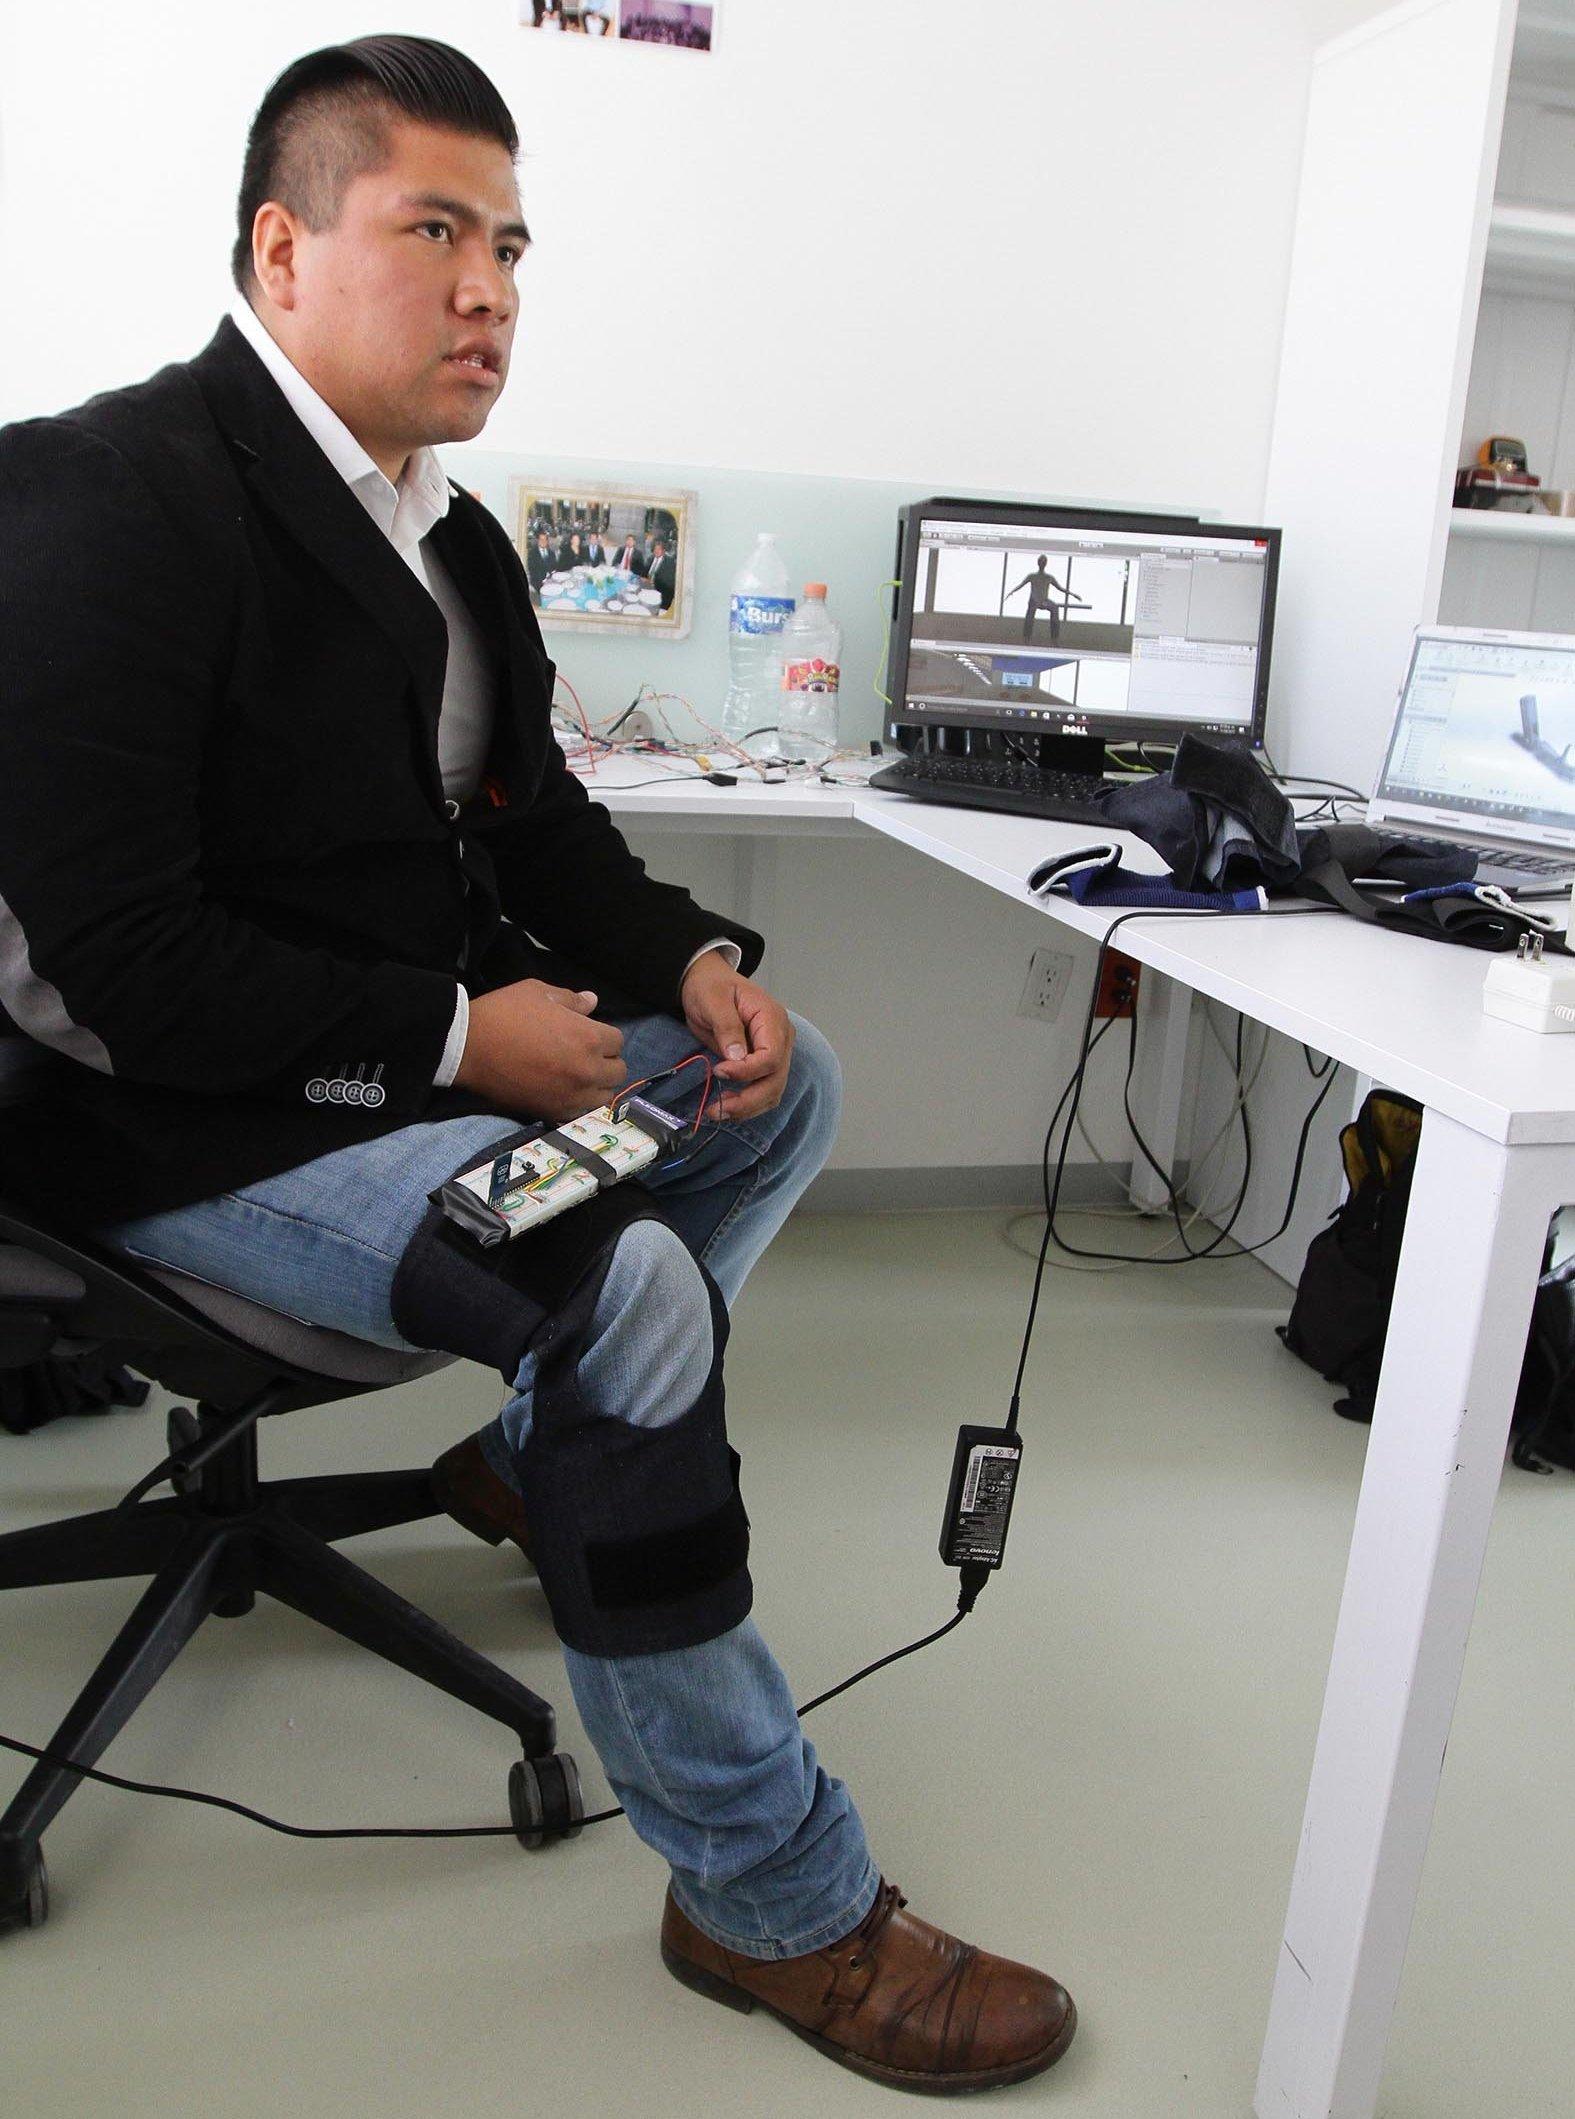 En entrevista con Notimex, el ingeniero en mecatrónica, Cristhian Prieto, explicó que a diferencia de las prótesis mecánicas, las biónicas poseen movimiento y se controlan de forma natural con los deseos e impulsos eléctricos del usuario.